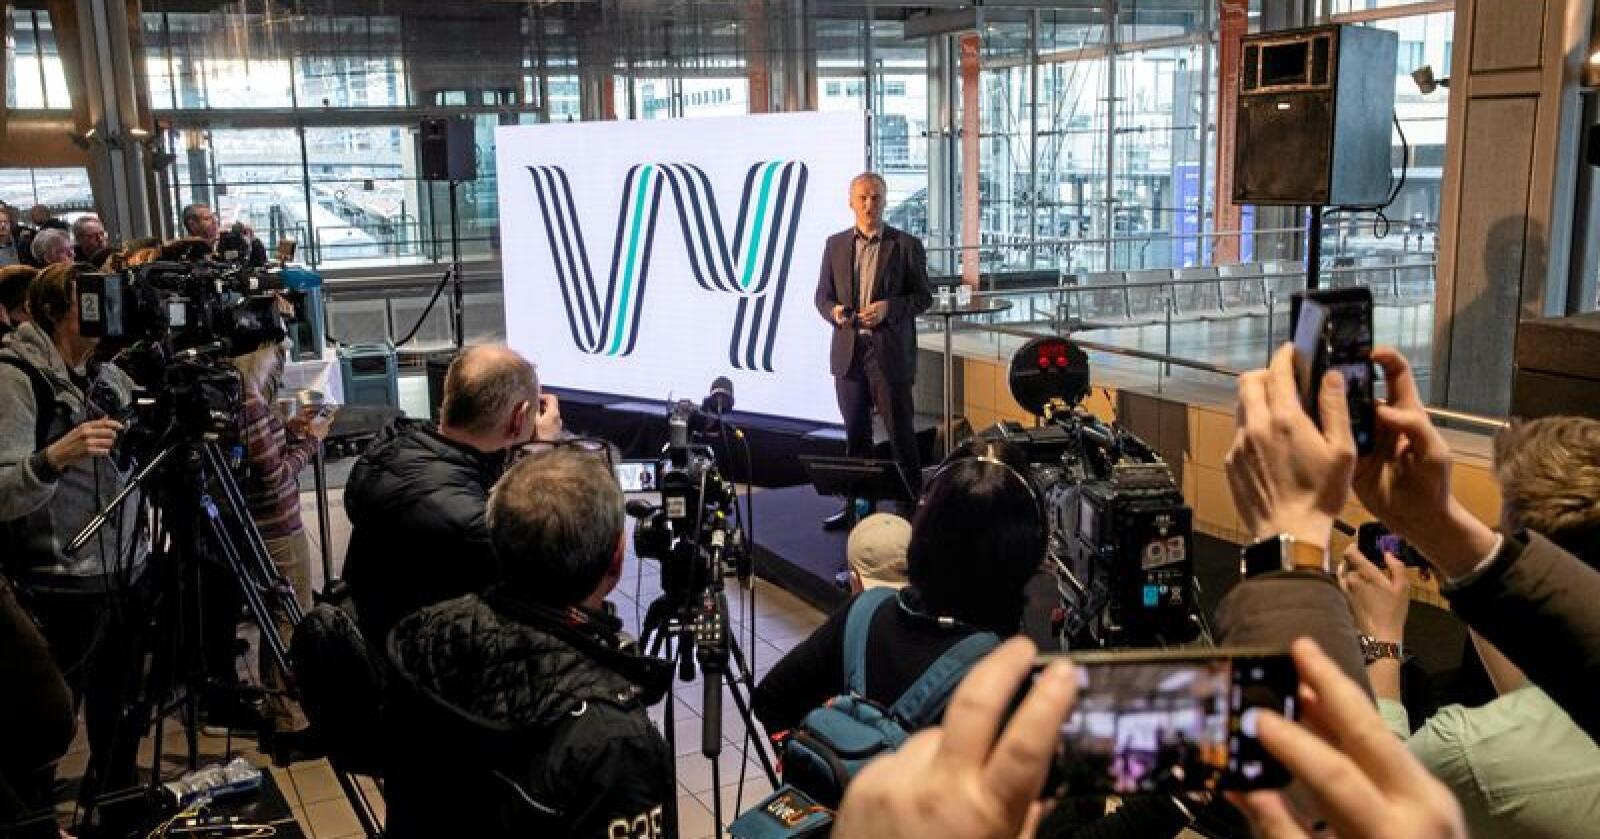 Privatisert språk: Konsernsjef i NSB Geir Isaksen legg fram nytt navn for NSB og Nettbuss. Foto: Berit Roald / NTB scanpix